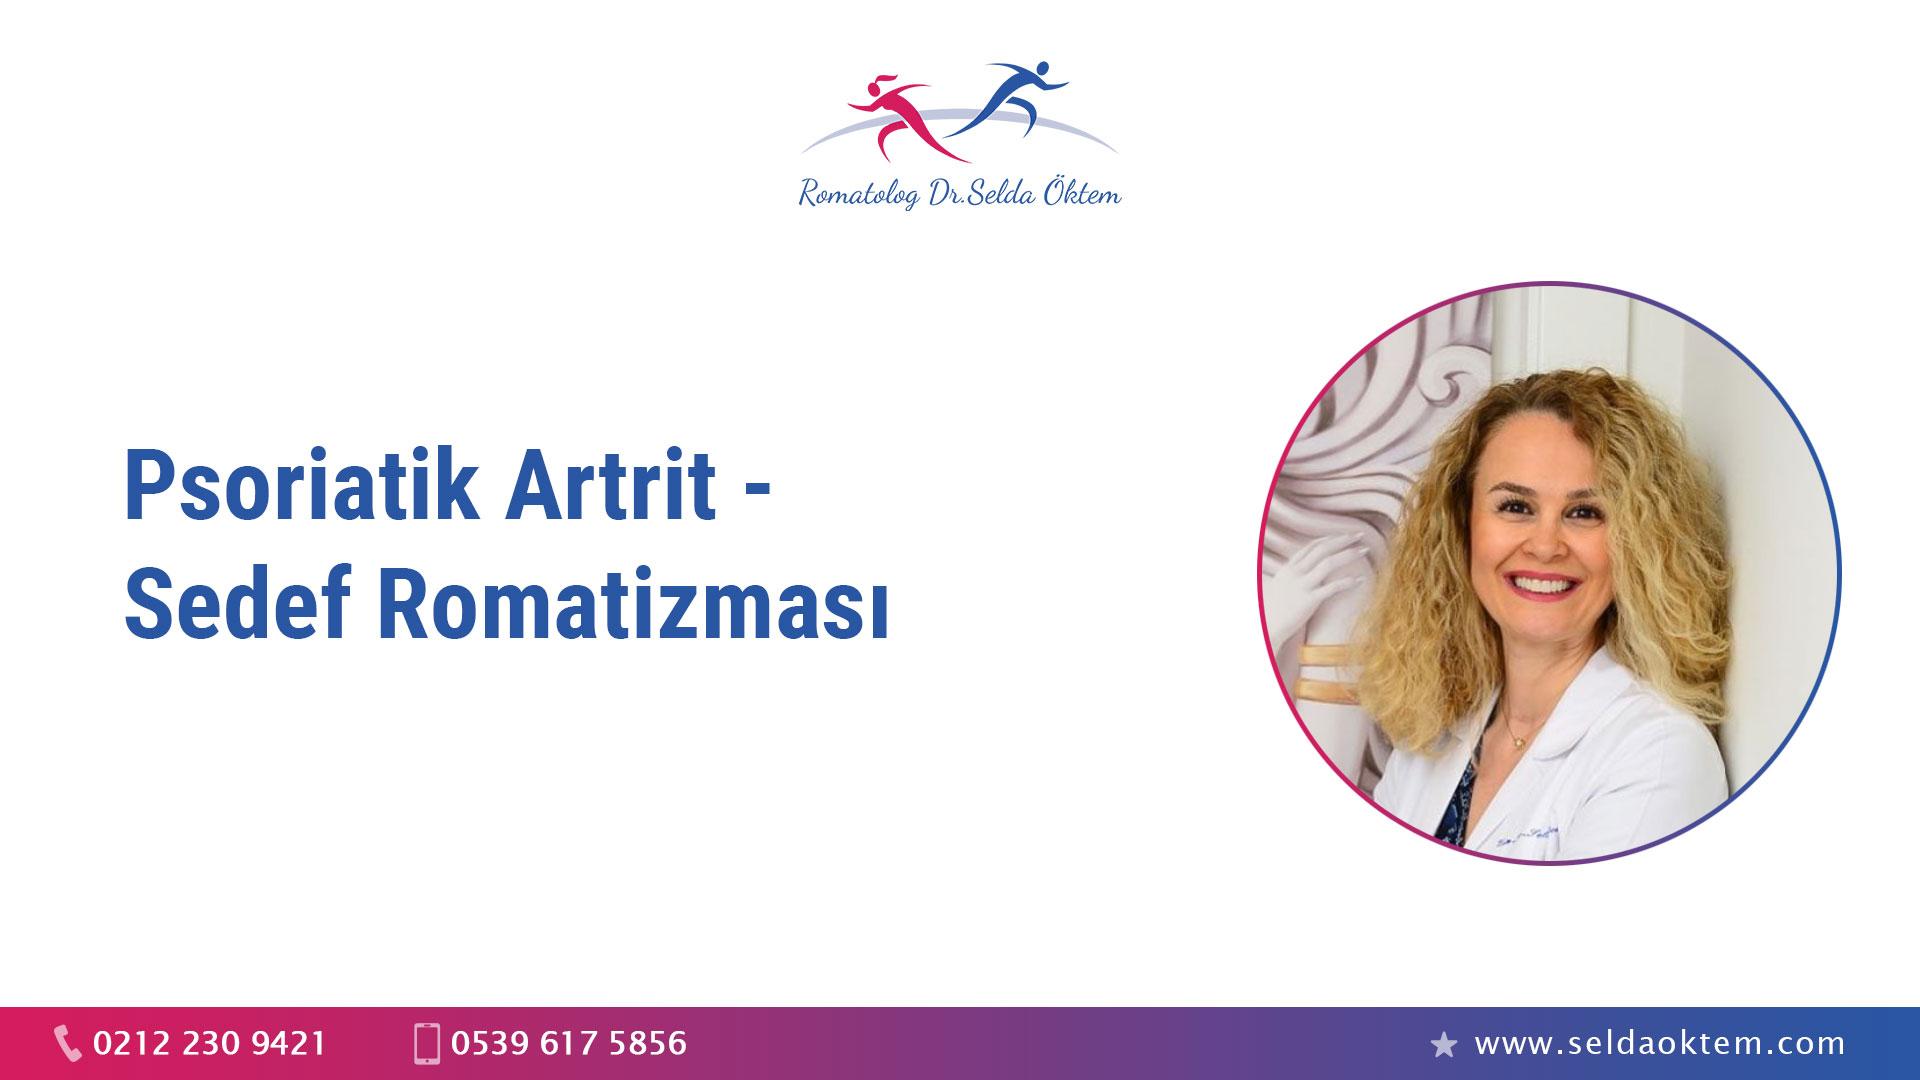 Psoriatik Artrit - Sedef Romatizması